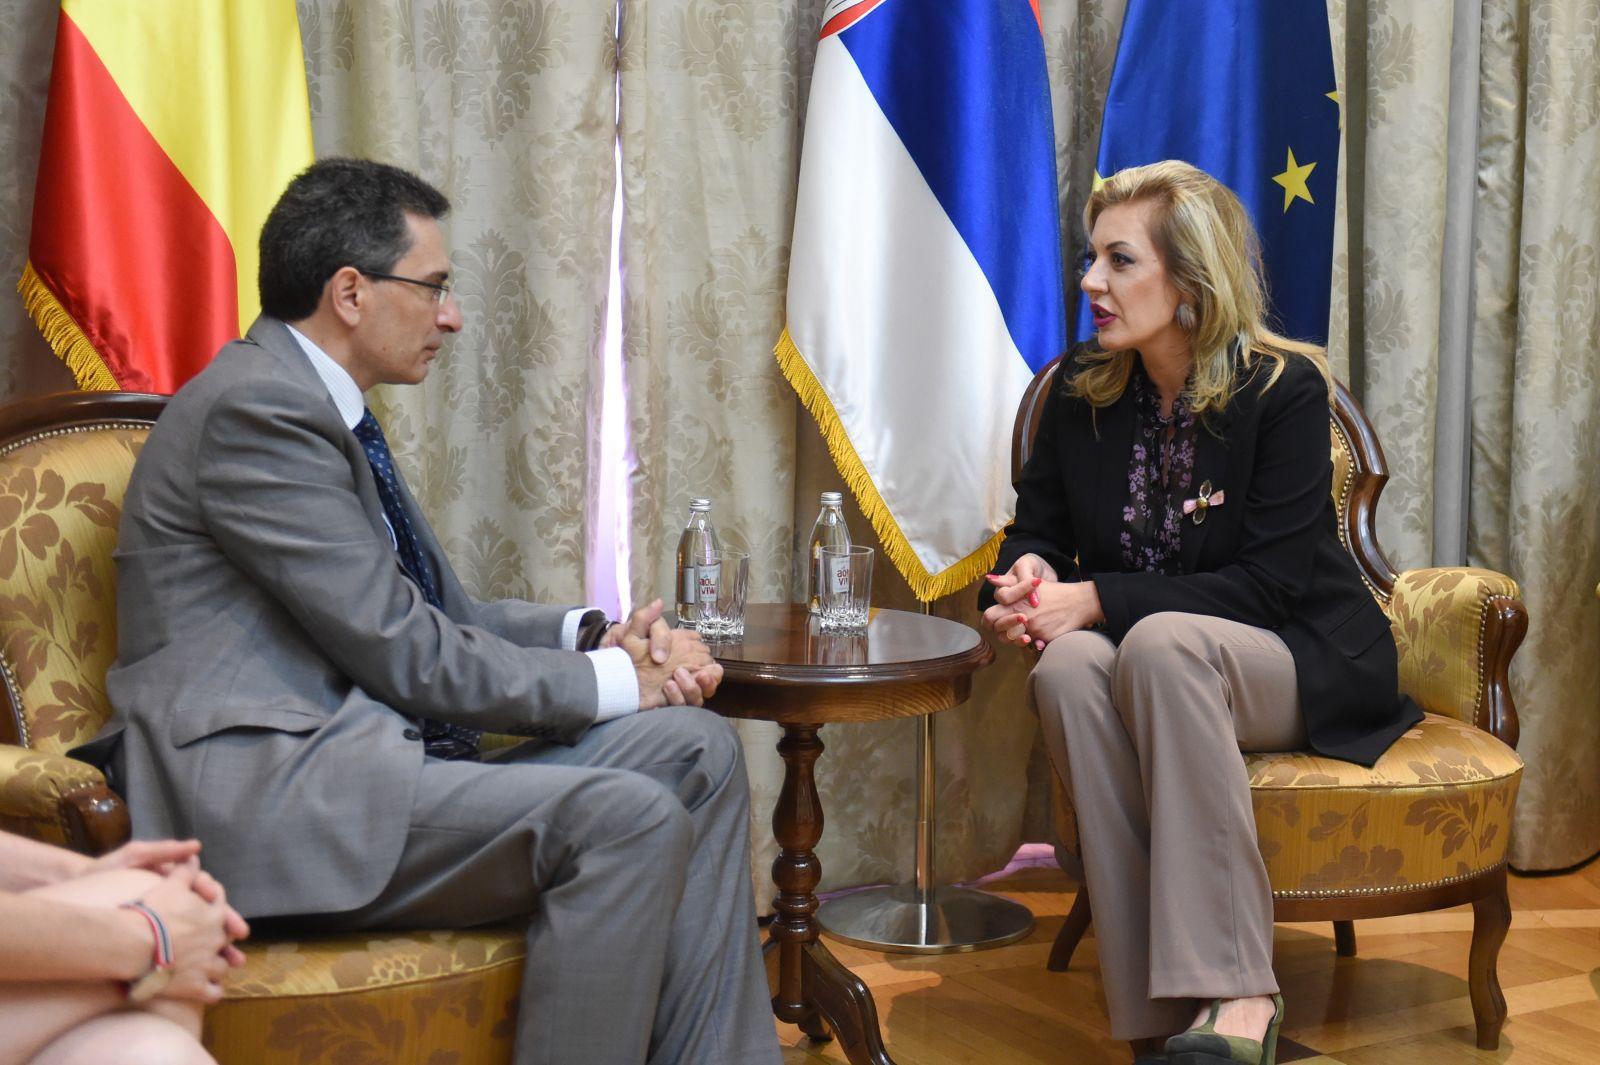 Ј. Јоксимовић и Молина: Јасна подршка Шпаније Србији на ЕУ путу